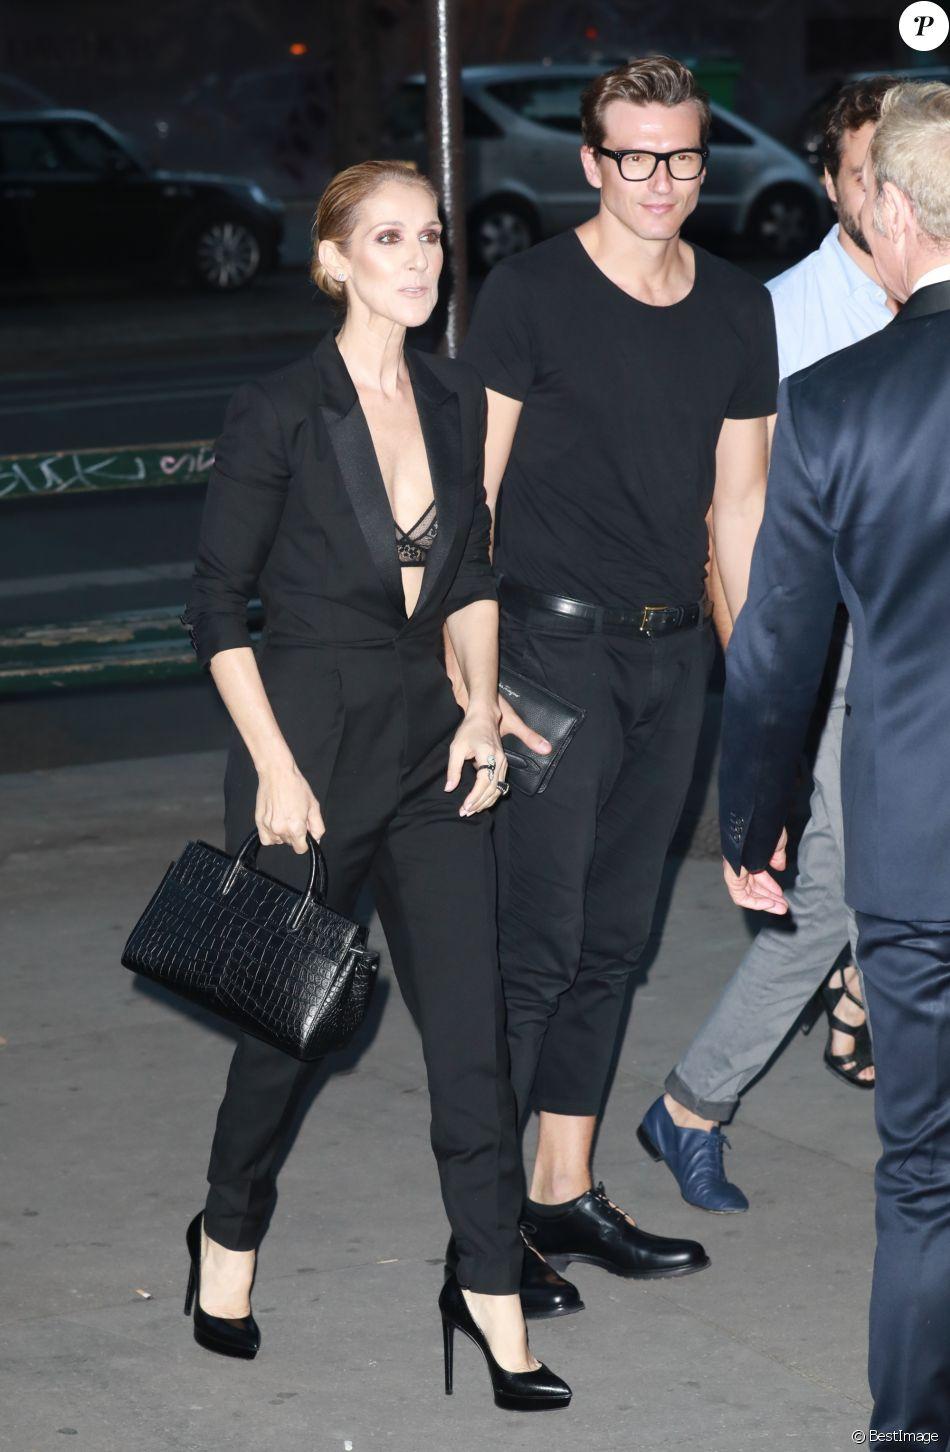 Céline Dion quitte le l'hôtel Royal Monceau et va dîner en compagnie de son danseur Pepe Munoz au restaurant Manko à Paris le 21 juillet 2017.